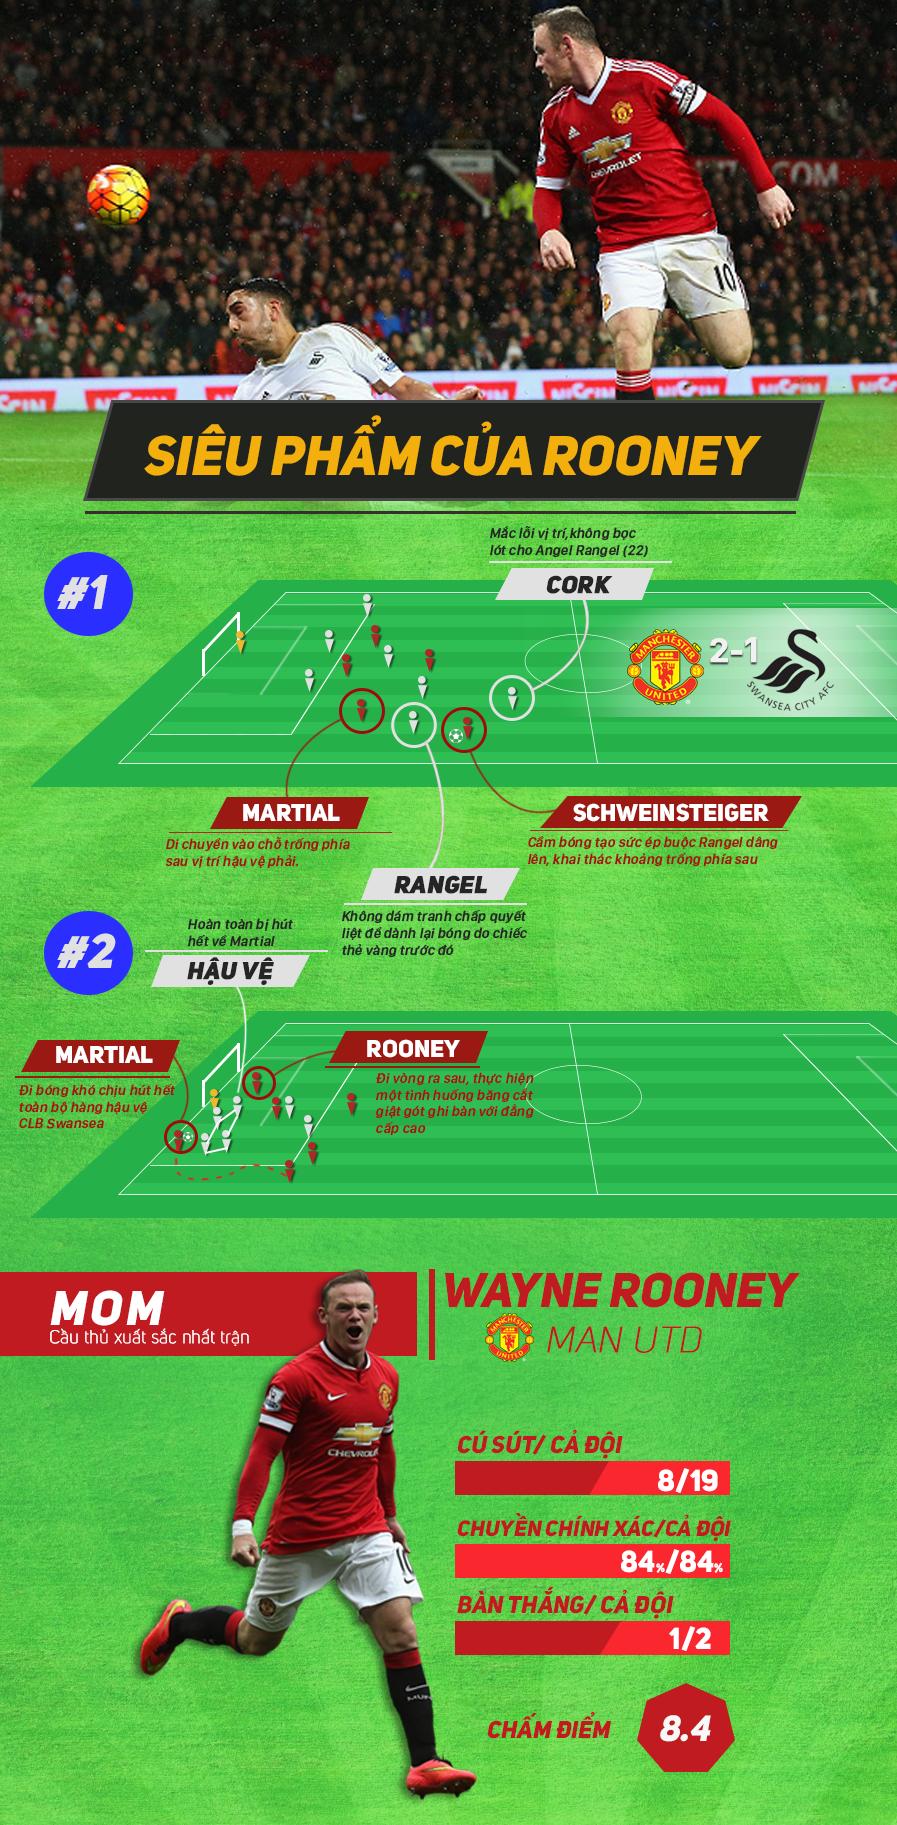 Rooney choi hay nhat tran MU thang Swansea 2-1 hinh anh 1